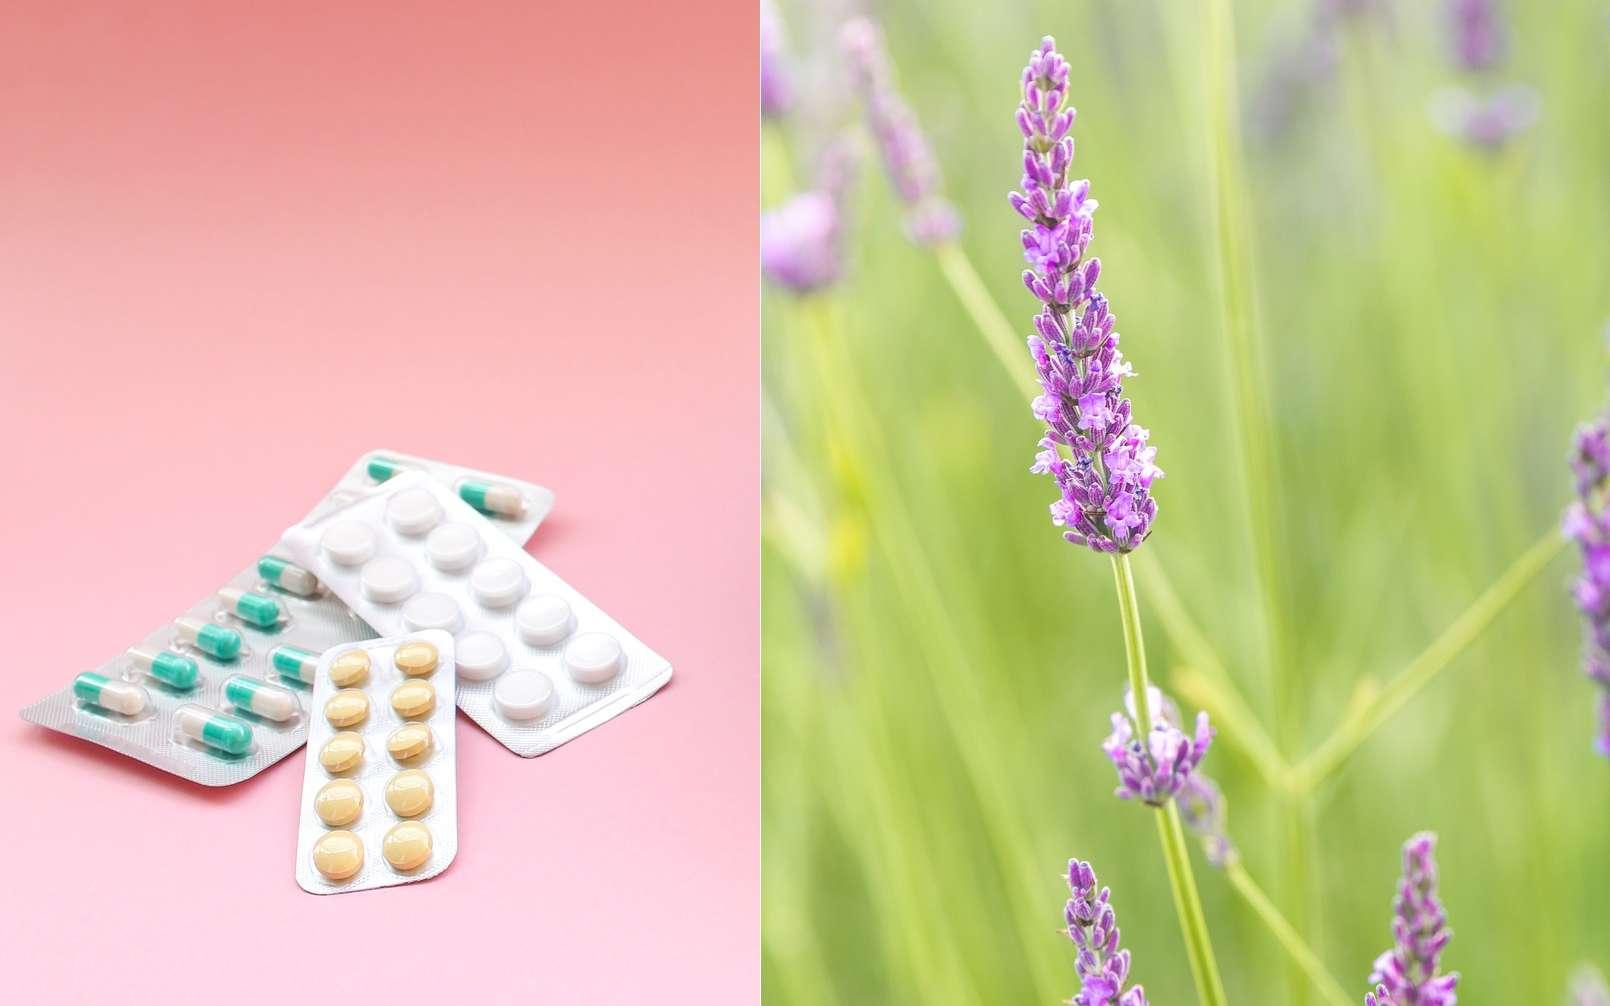 Nom de médicament ou nom de fleur ? À vous de deviner. © Gazed, jon_chica, Fotolia